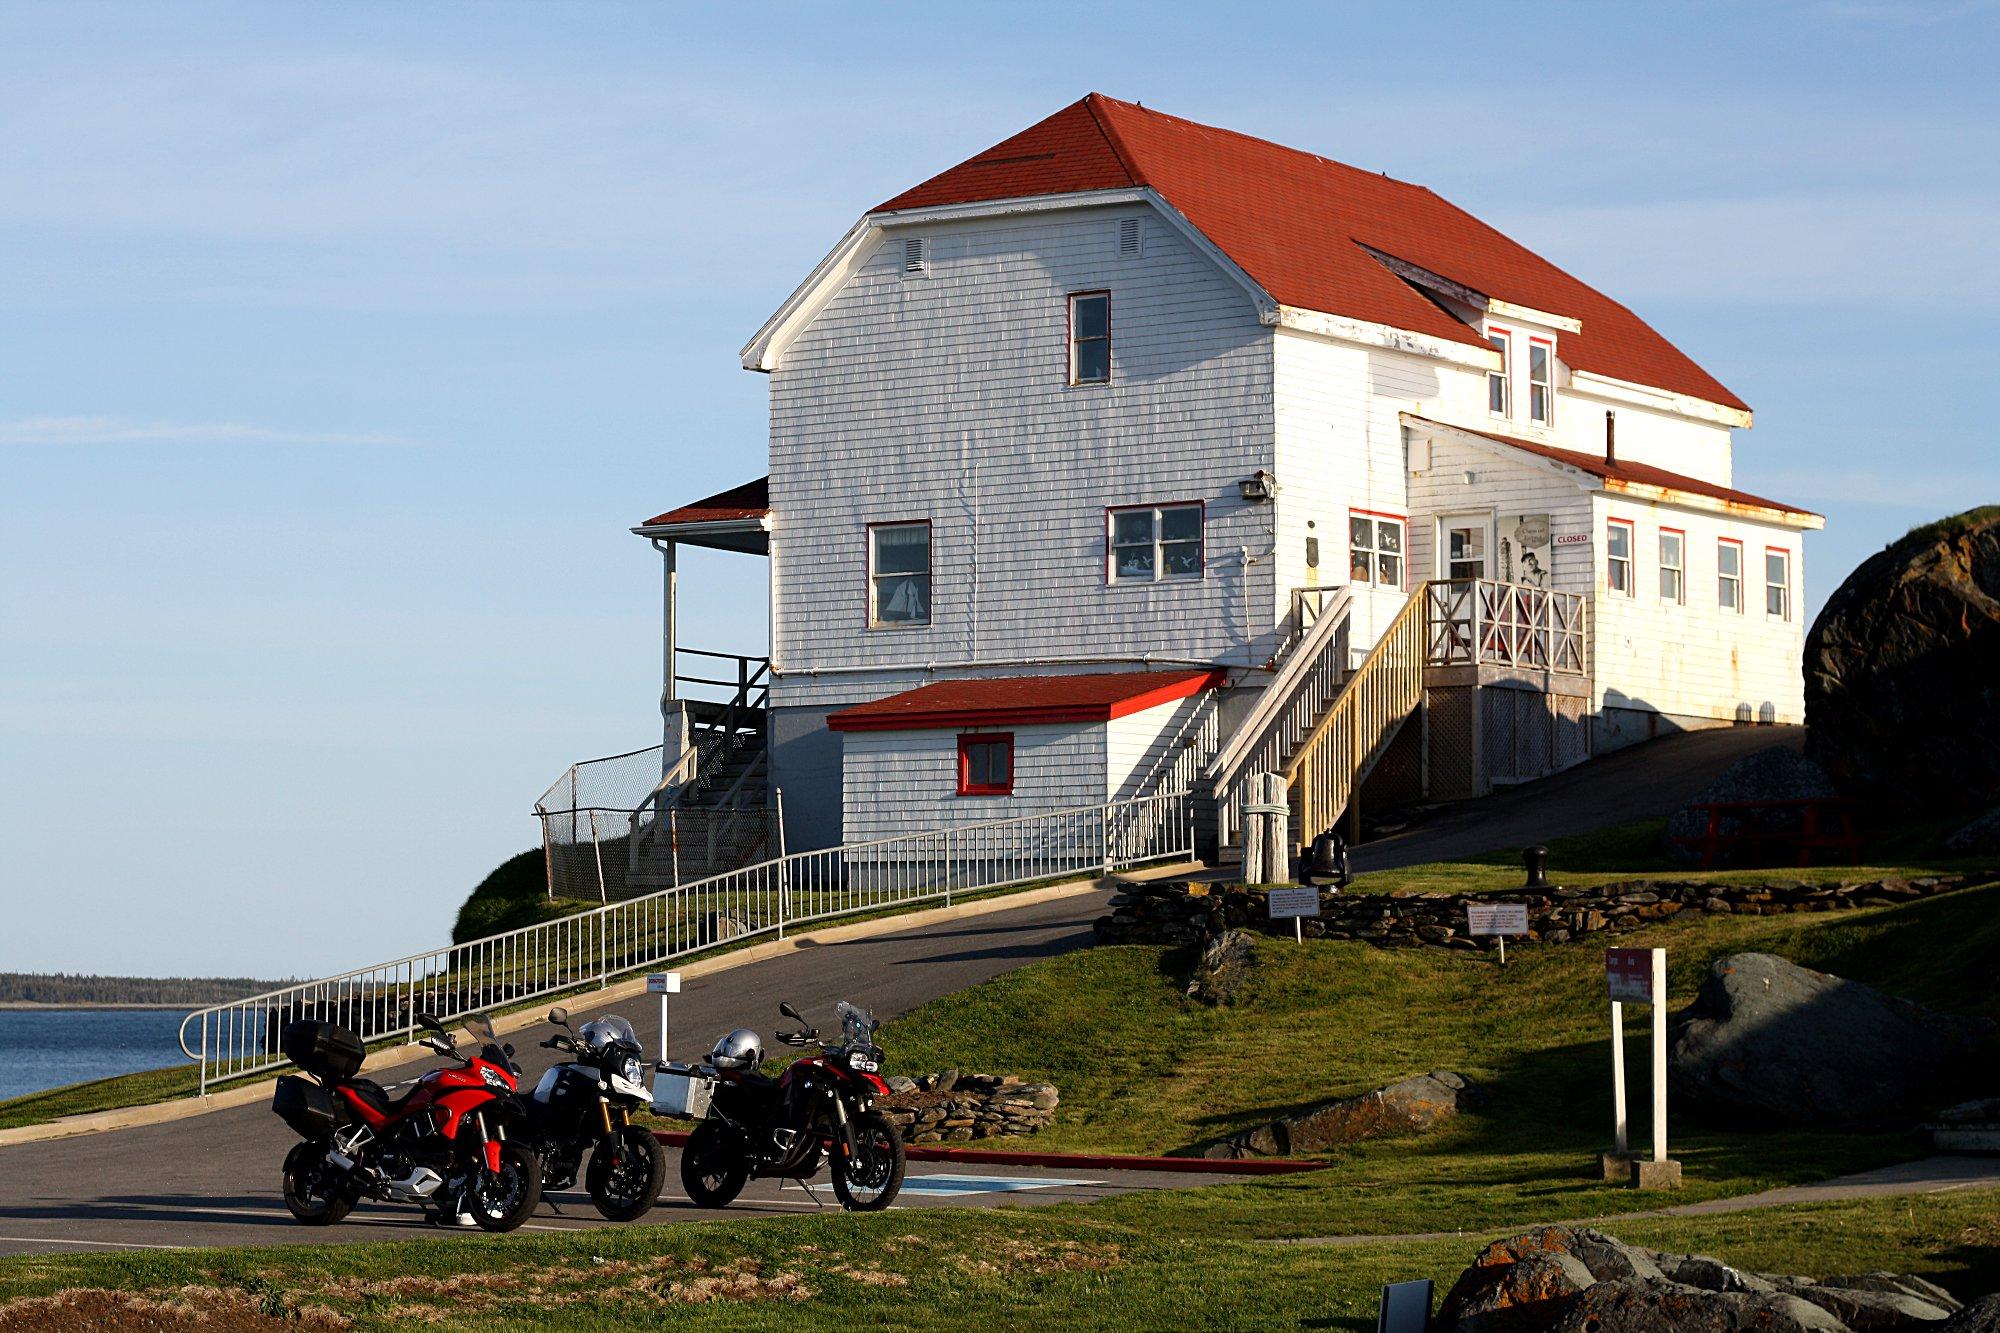 Suzuki Nova Scotia